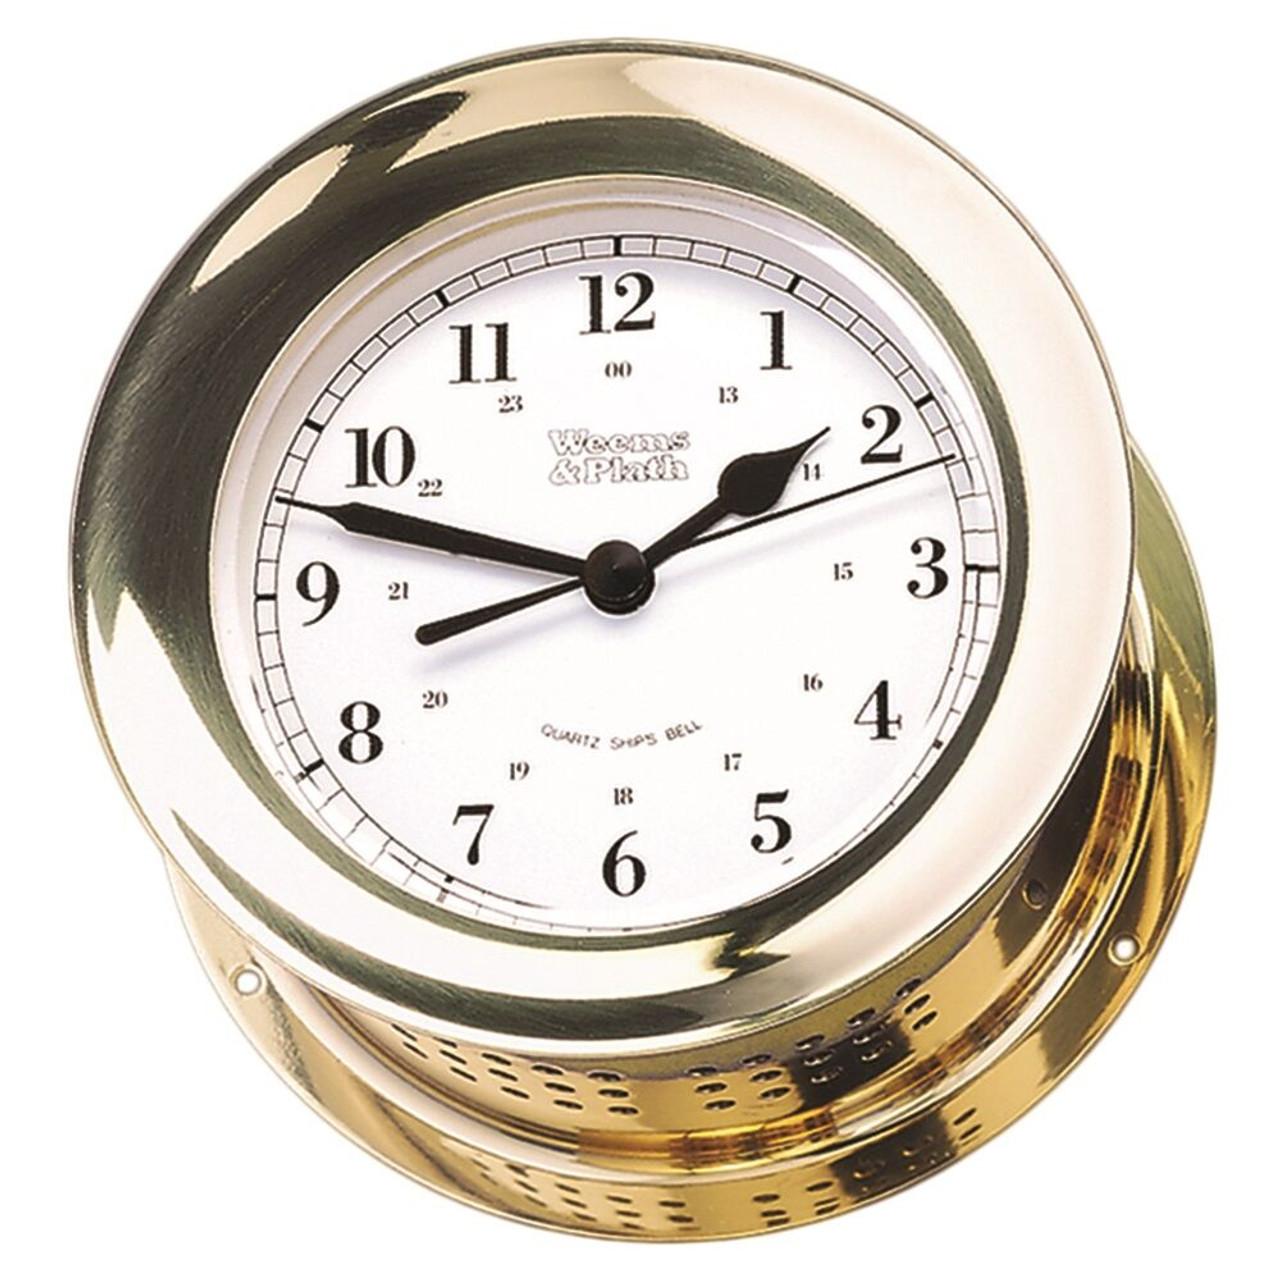 Atlantis Quartz Ship's Bell Clock (200100)